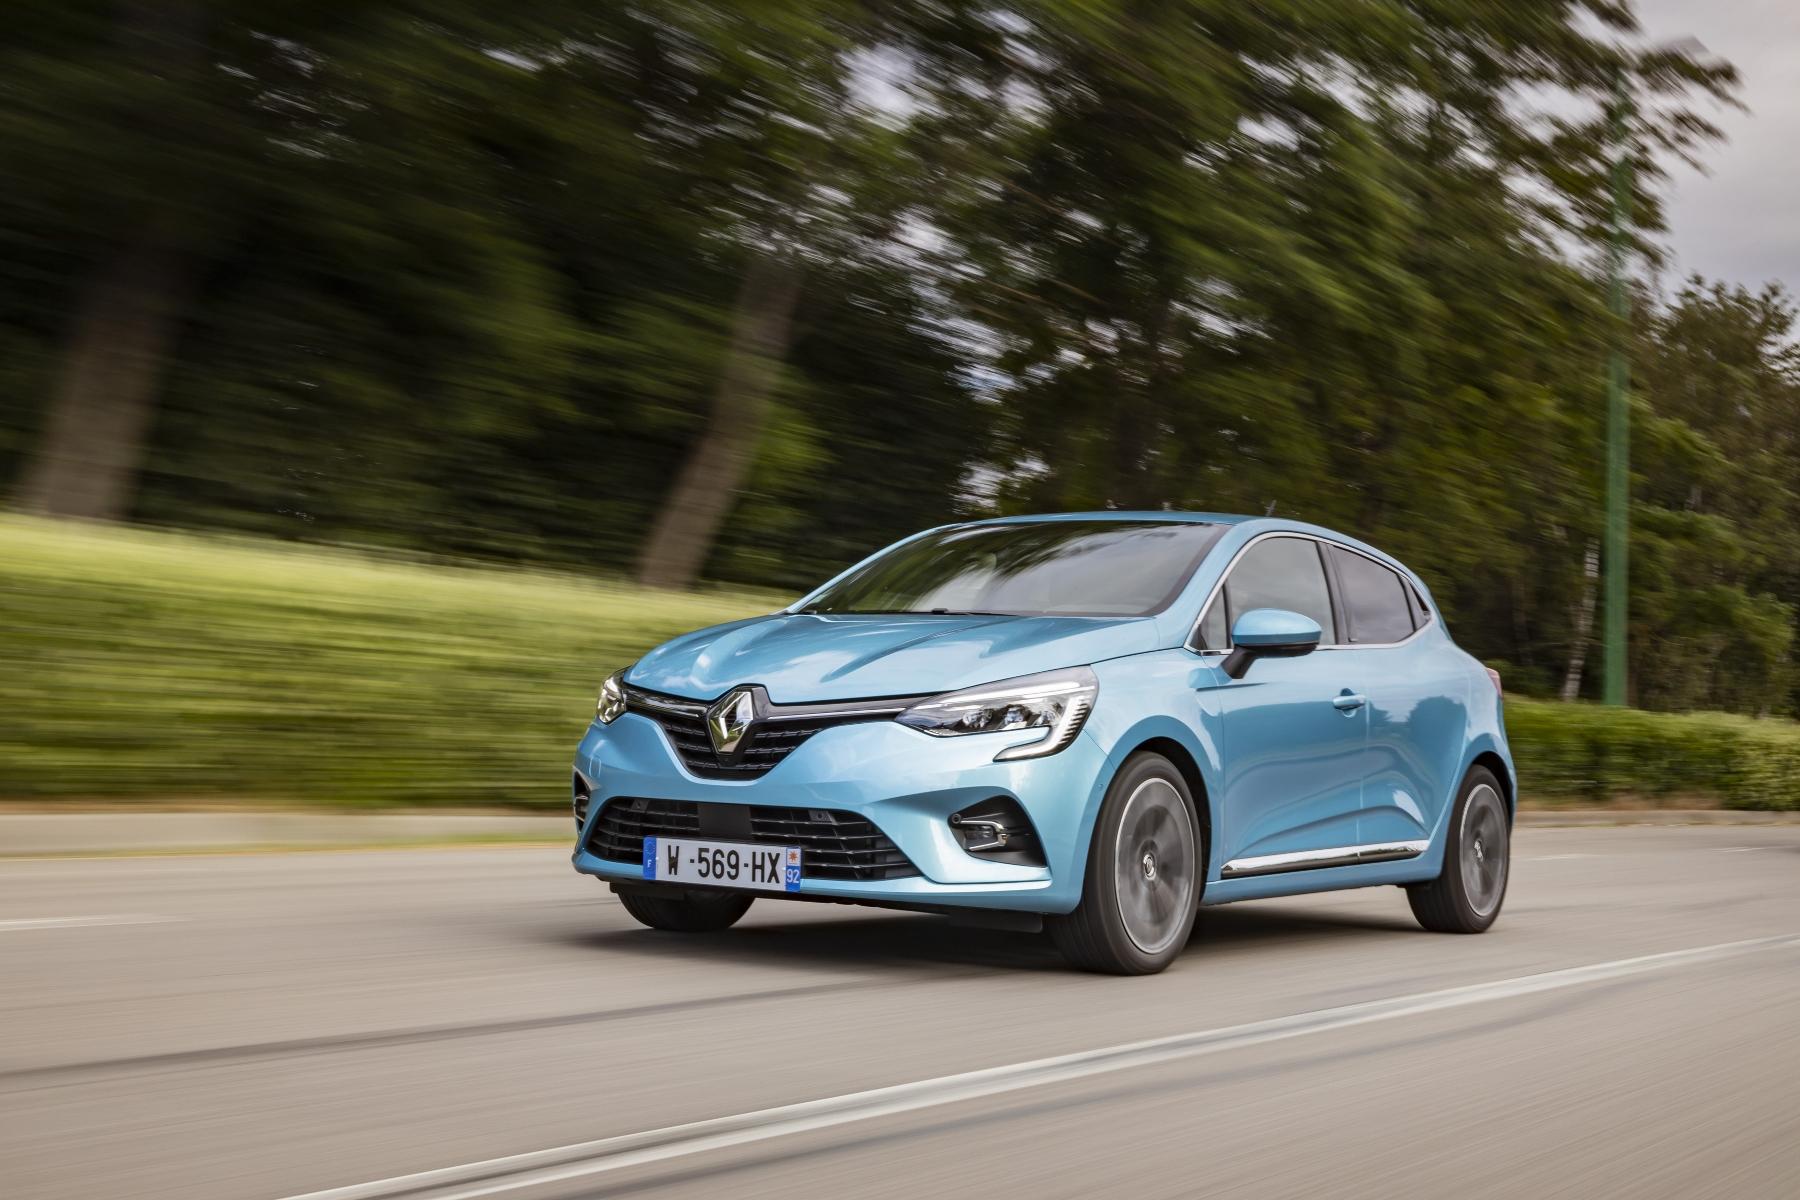 Renault zverejnil slovenské ceny hybridného Clia a plug-in hybridného Capturu